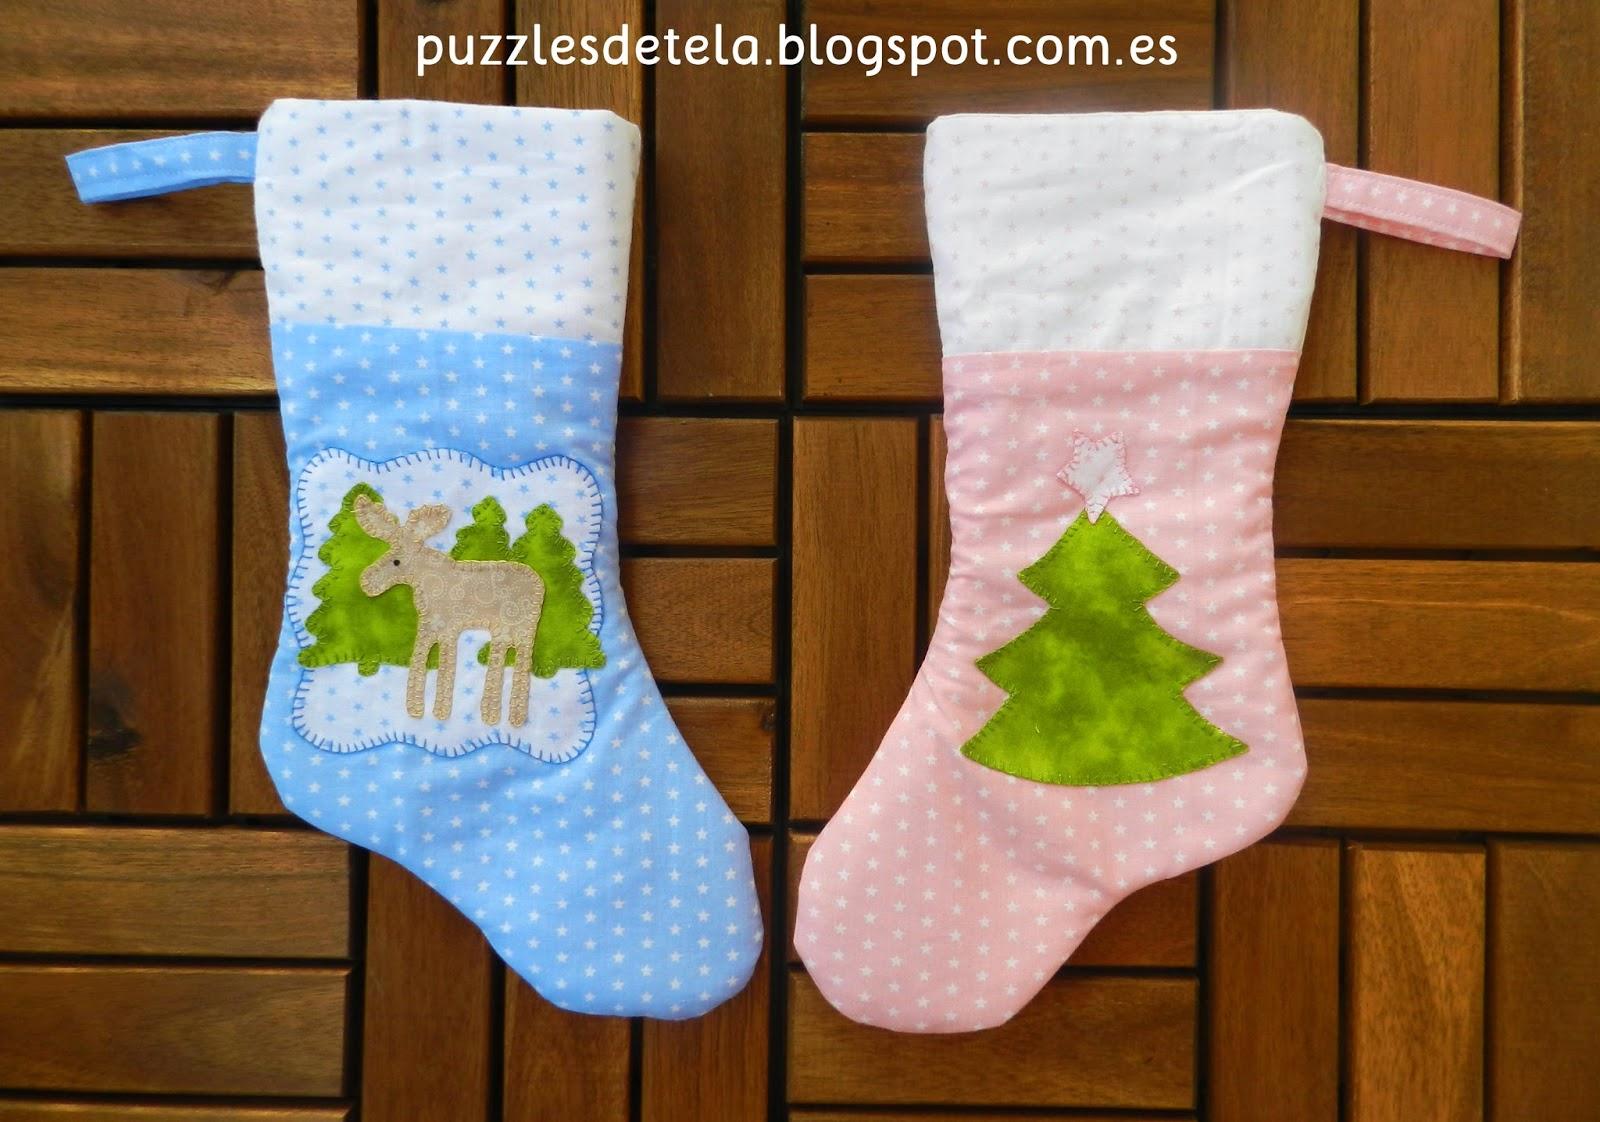 stocking patchwork, botas de navidad, calcetín de navidad, Navidad, adornos patchwork navidad, patchwork, Puzzles de tela,